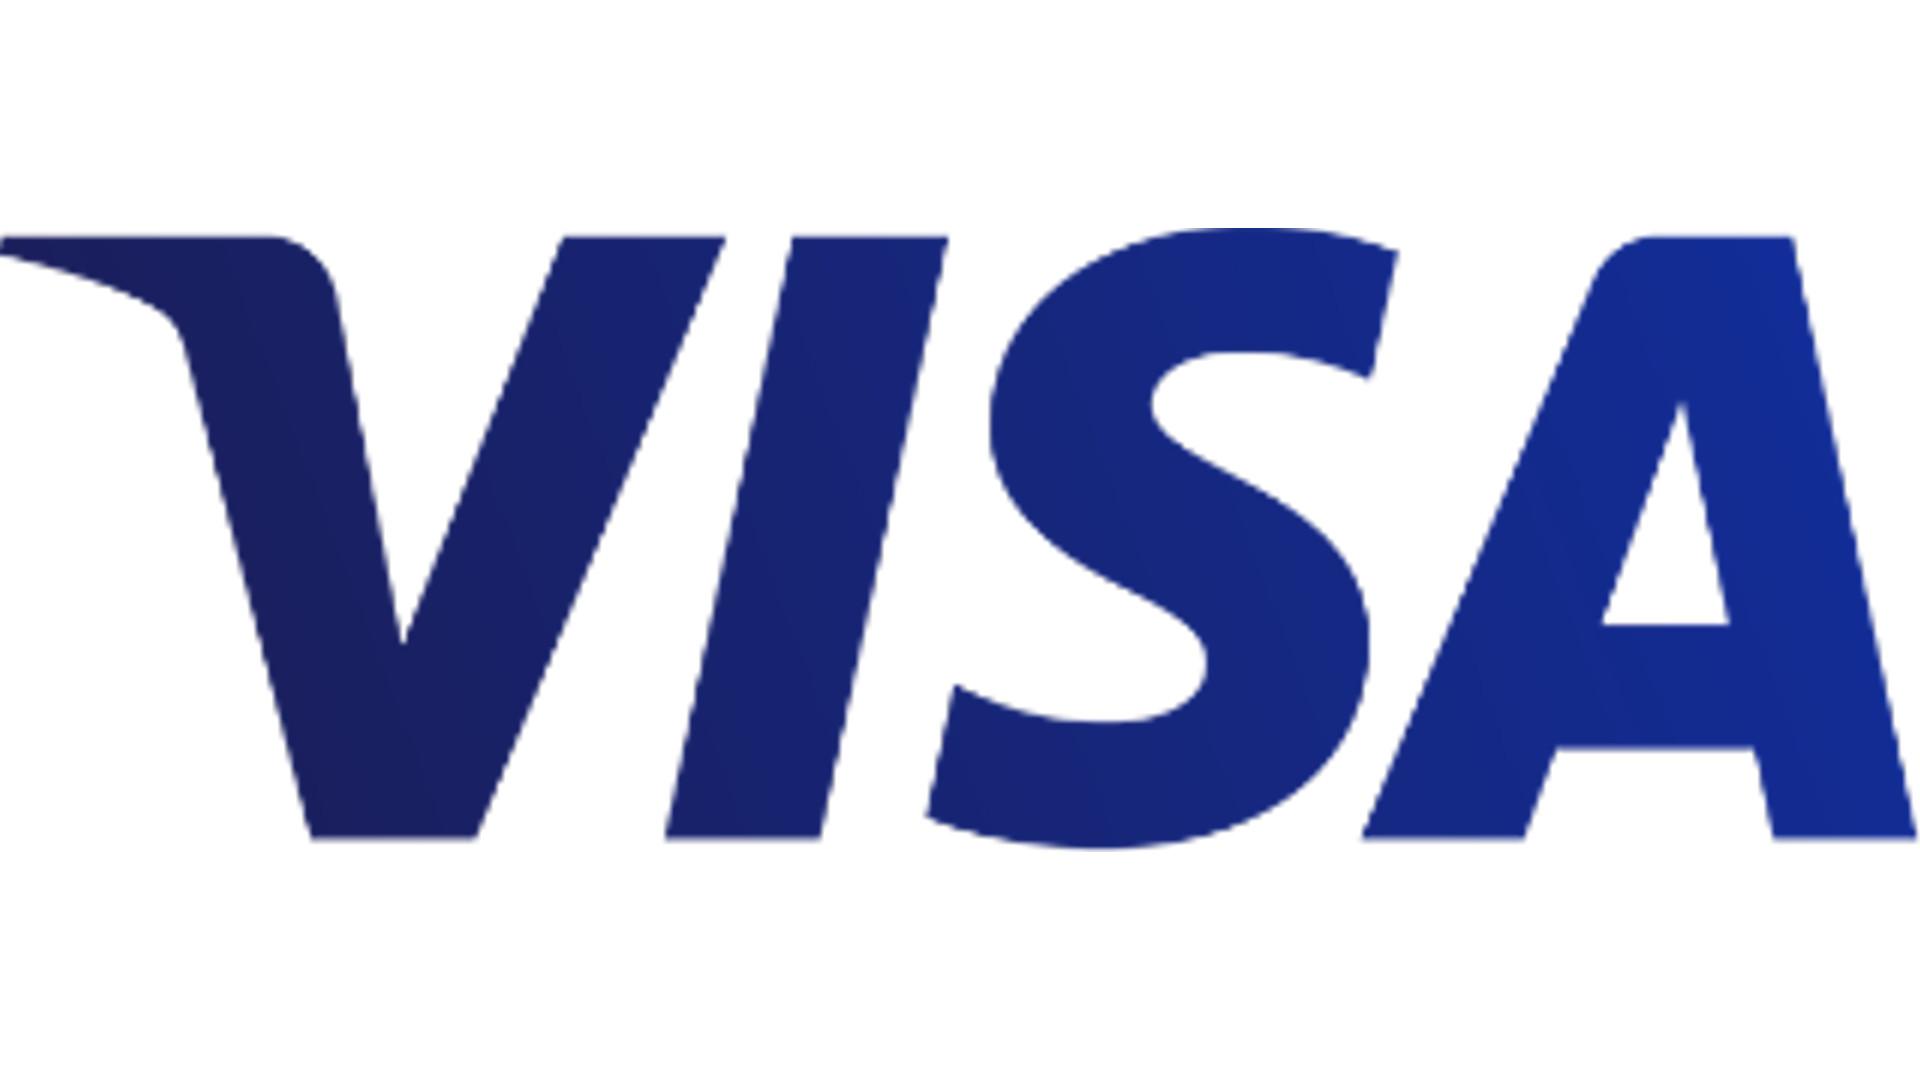 VISAのタッチ決済対応カードをGoogle Payに登録する